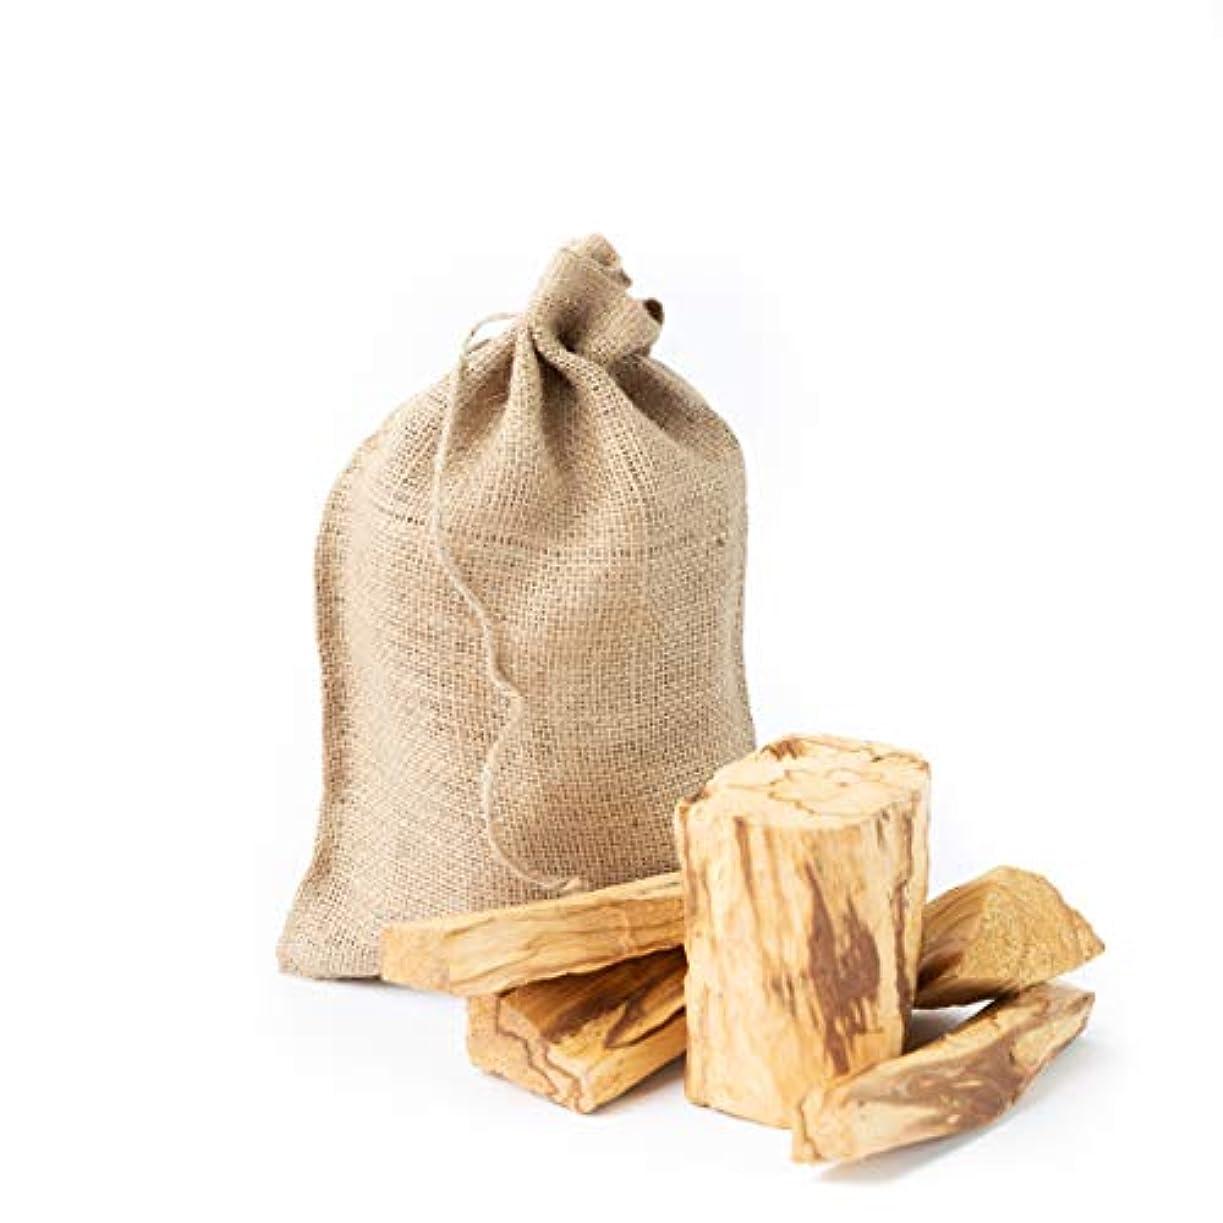 鎮静剤評論家露Palo SantoからPerú Smudging Sticks大きなチャンク、高樹脂1ポンドバッグ。